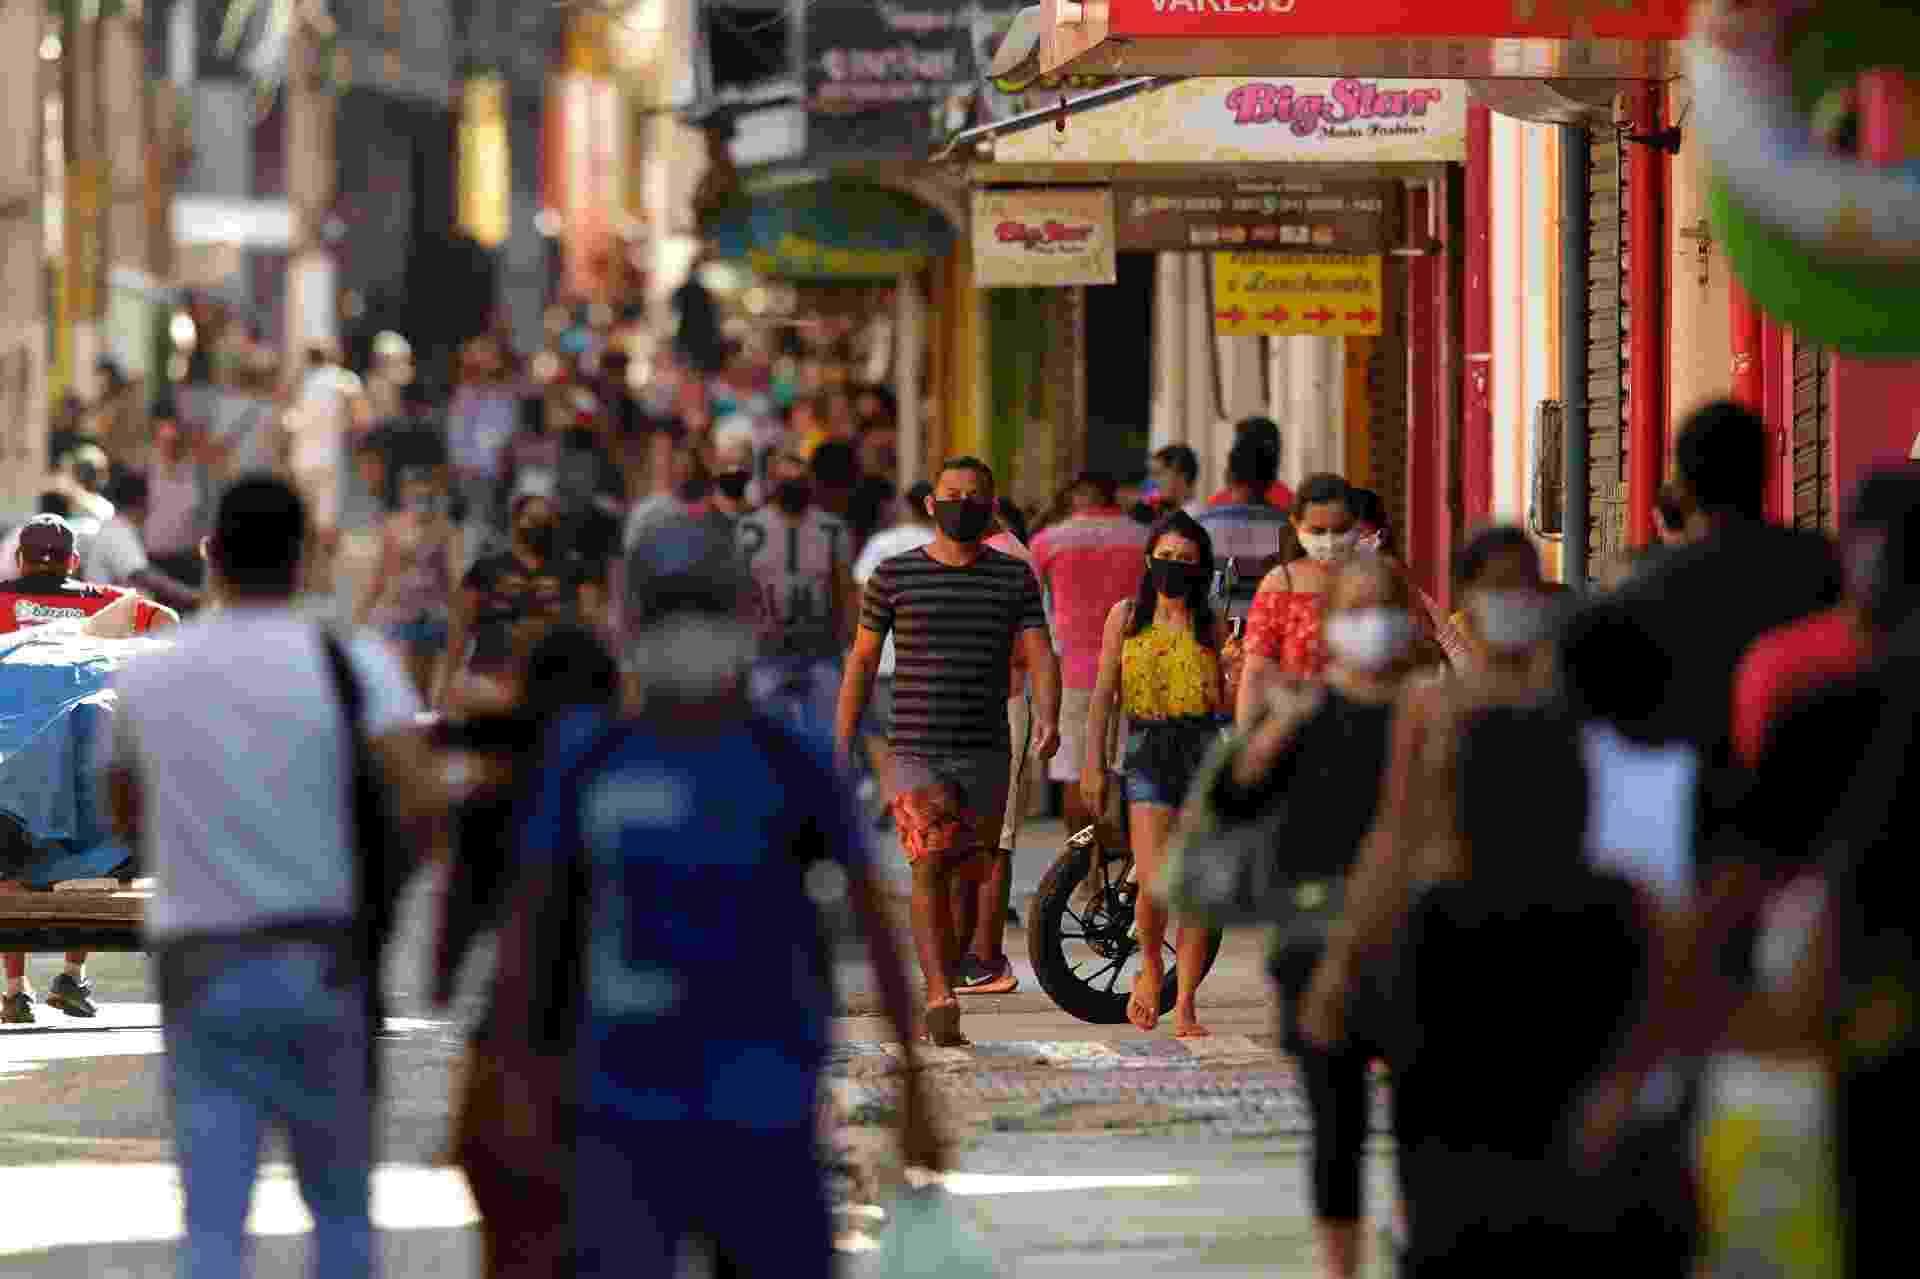 Em alguns pontos do centro comercial de Belém, era difícil andar devido à quantidade de gente que procurou as lojas - RAIMUNDO PACCÓ/FRAMEPHOTO/FRAMEPHOTO/ESTADÃO CONTEÚDO